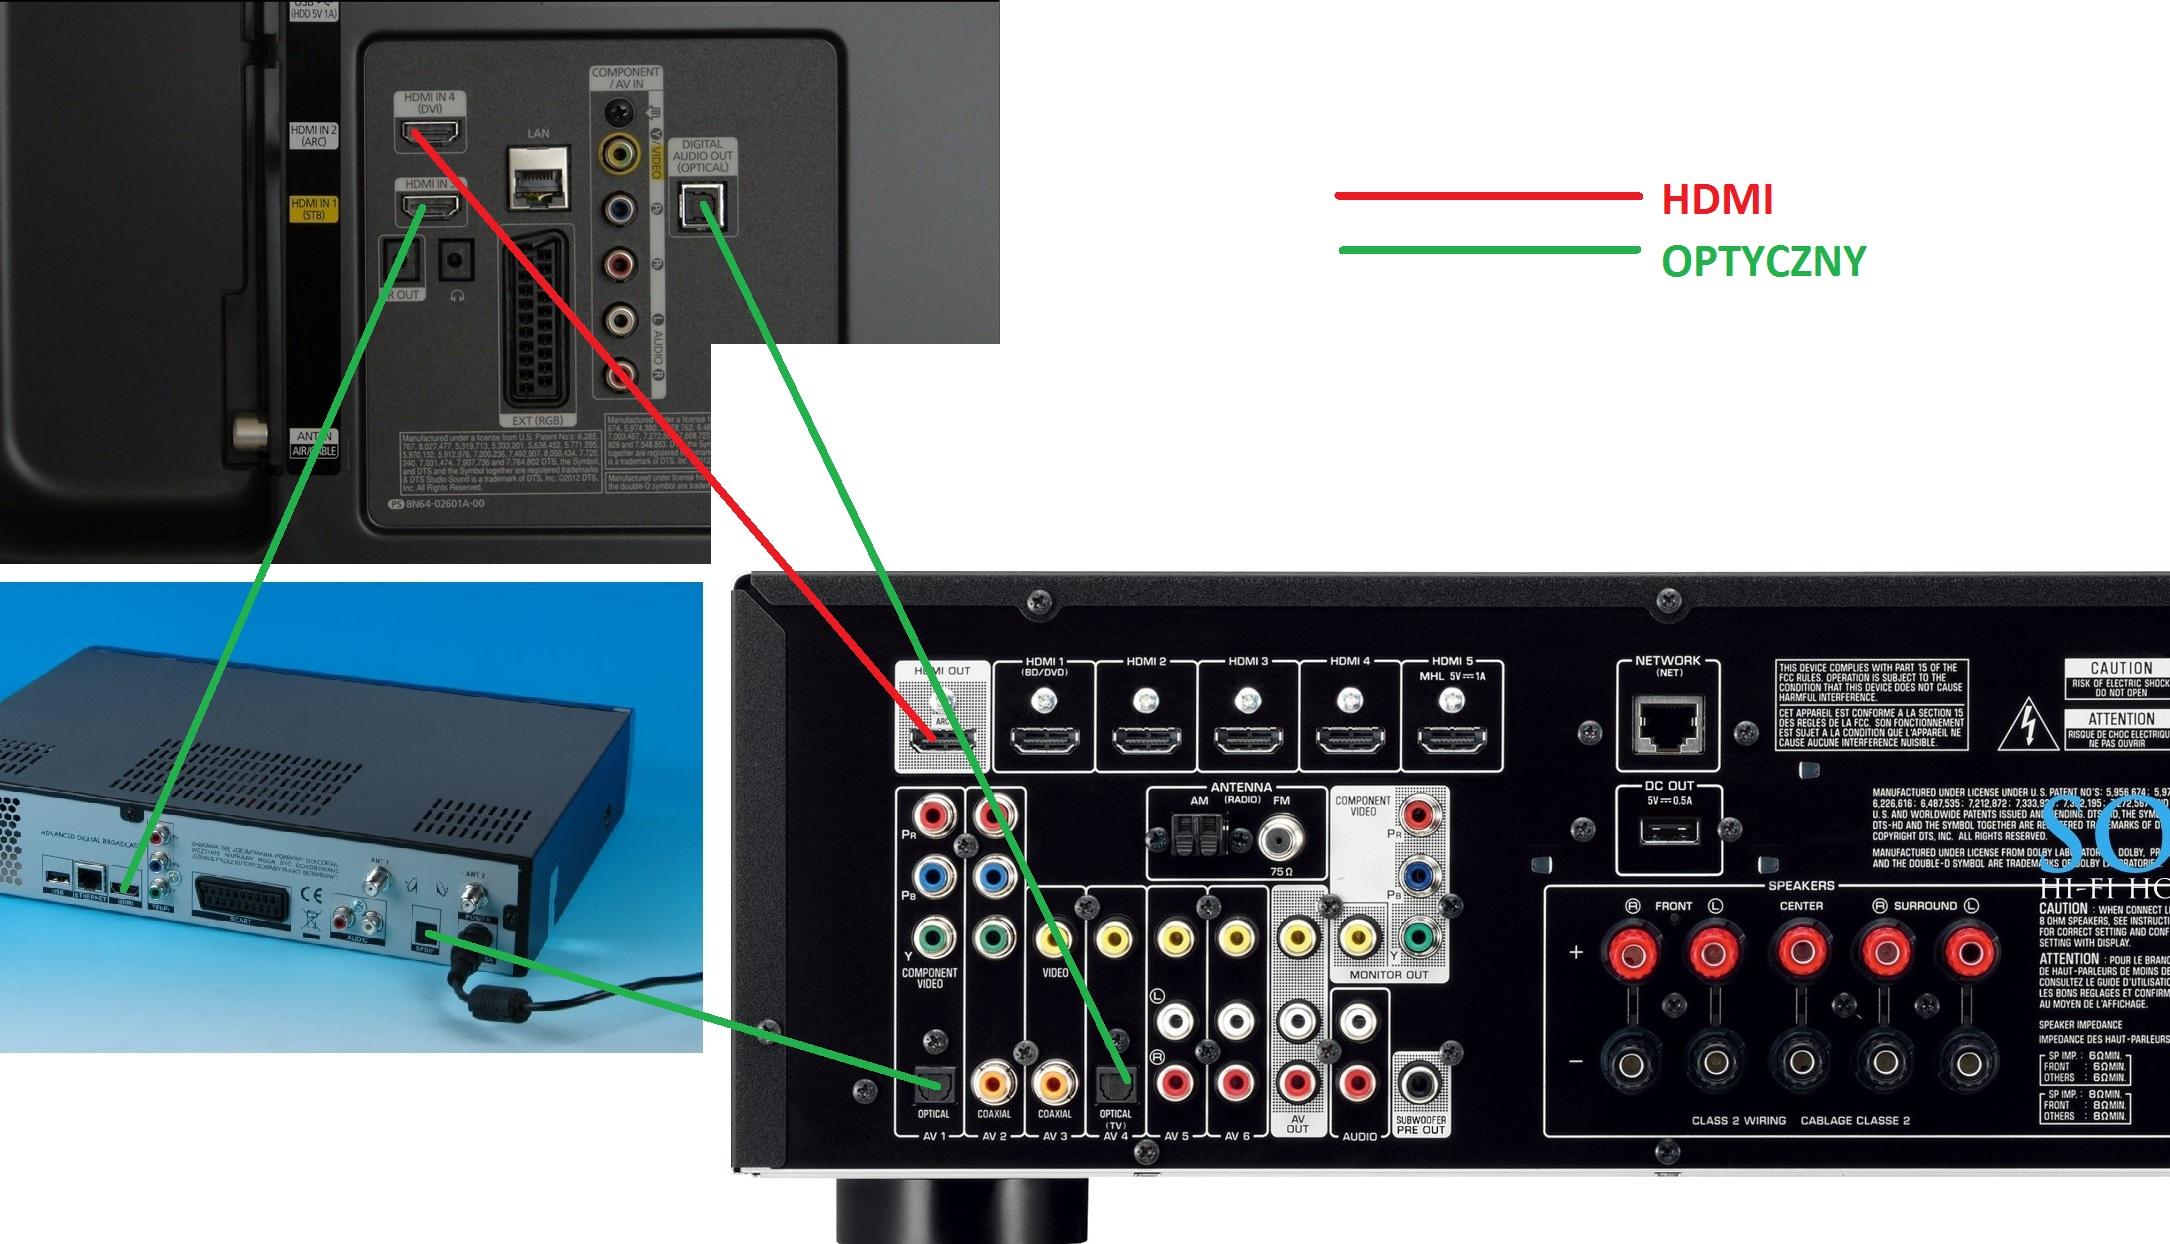 TV Samsung, Dekoder NC+,Yamaha - Jak prawidłowo połączyć